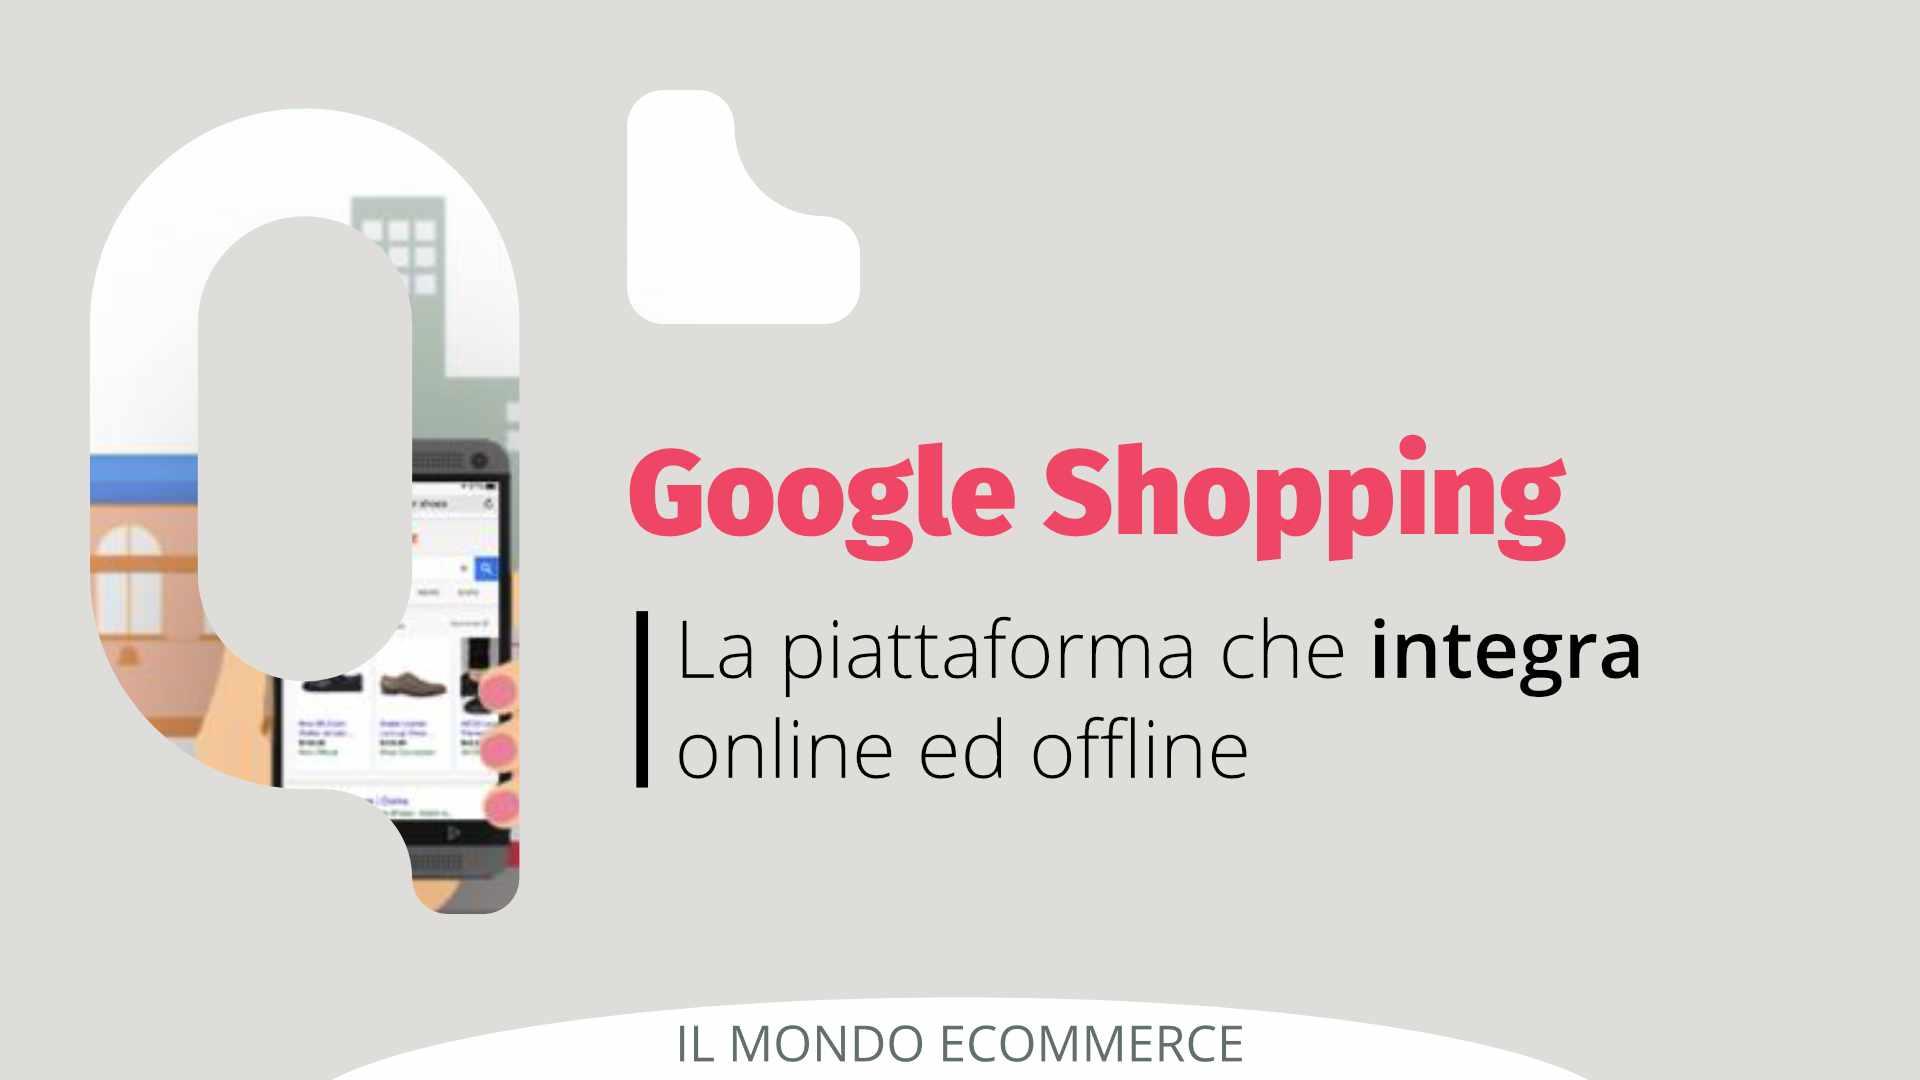 Google prende tutto:Novità Acquisto da Google Shopping